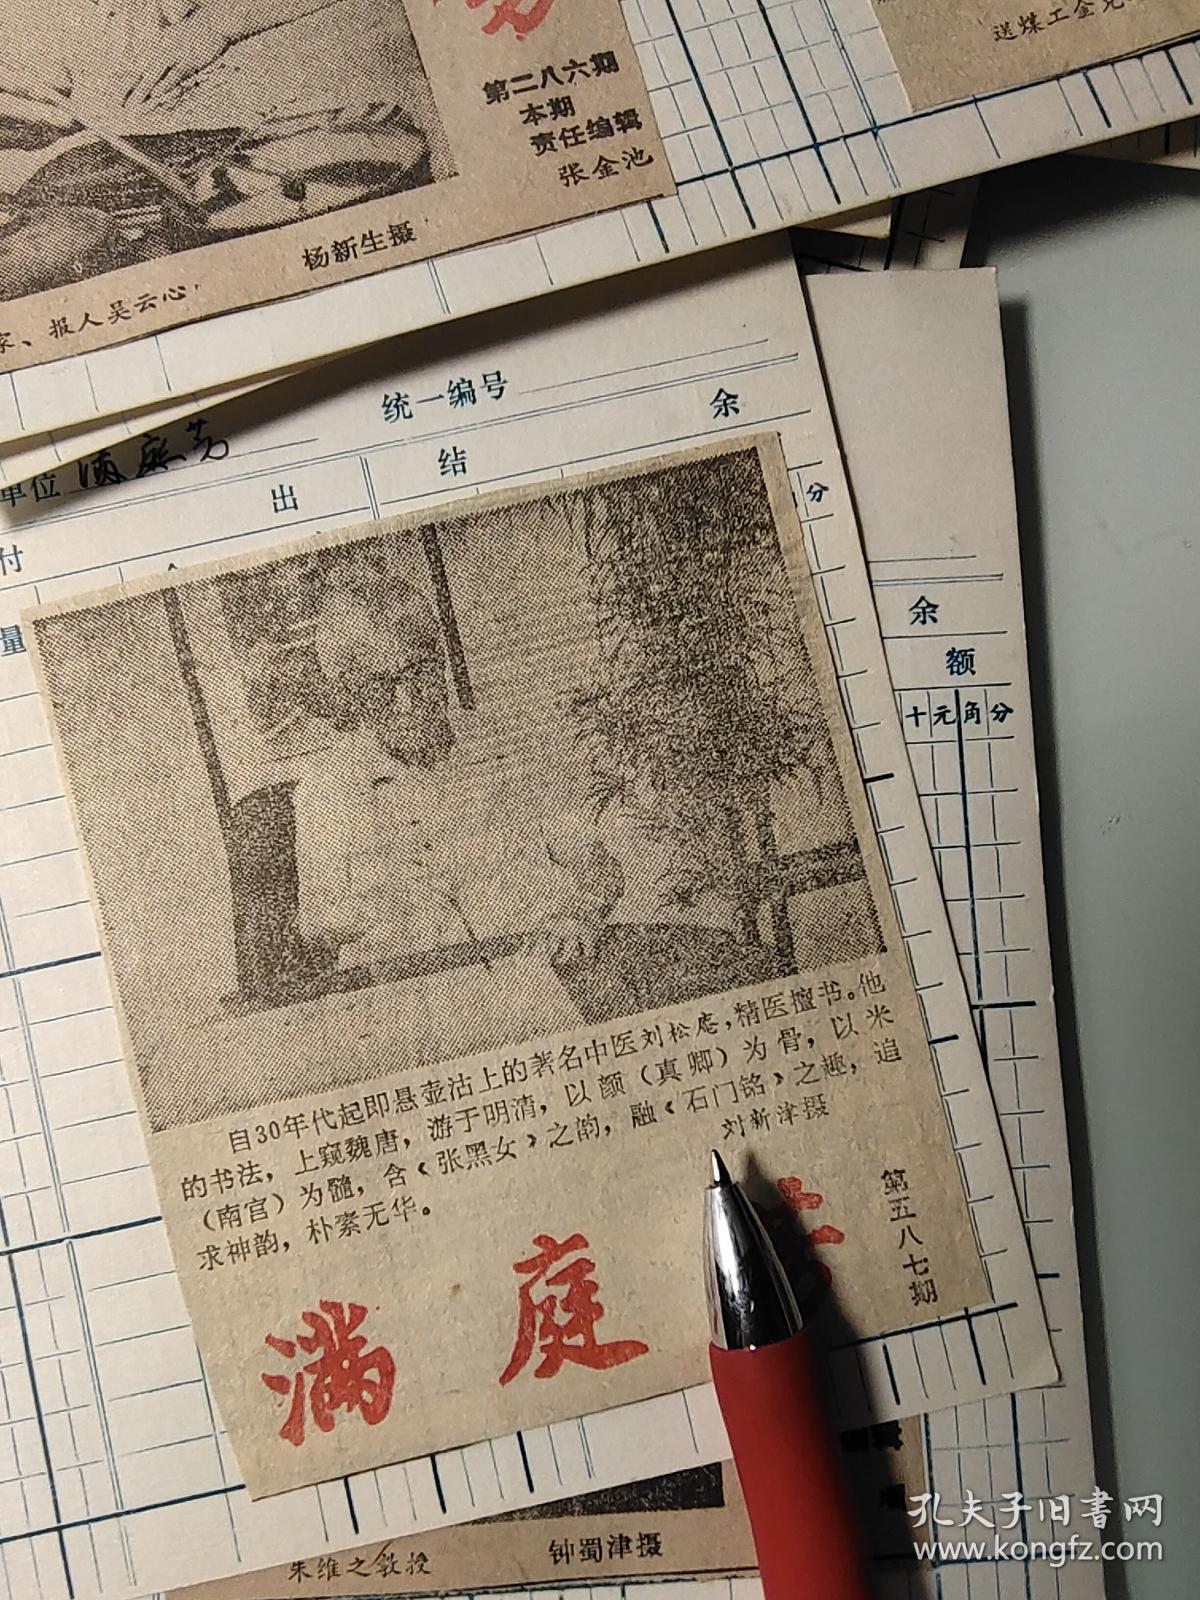 著名中医刘松庵、刘新津摄影、刘松庵,室名仰山庐,名中医,清末四大名医之一施今墨弟子。刘松庵在书法上造诣深厚,曾任中国书协会员、天津书协名誉理事。